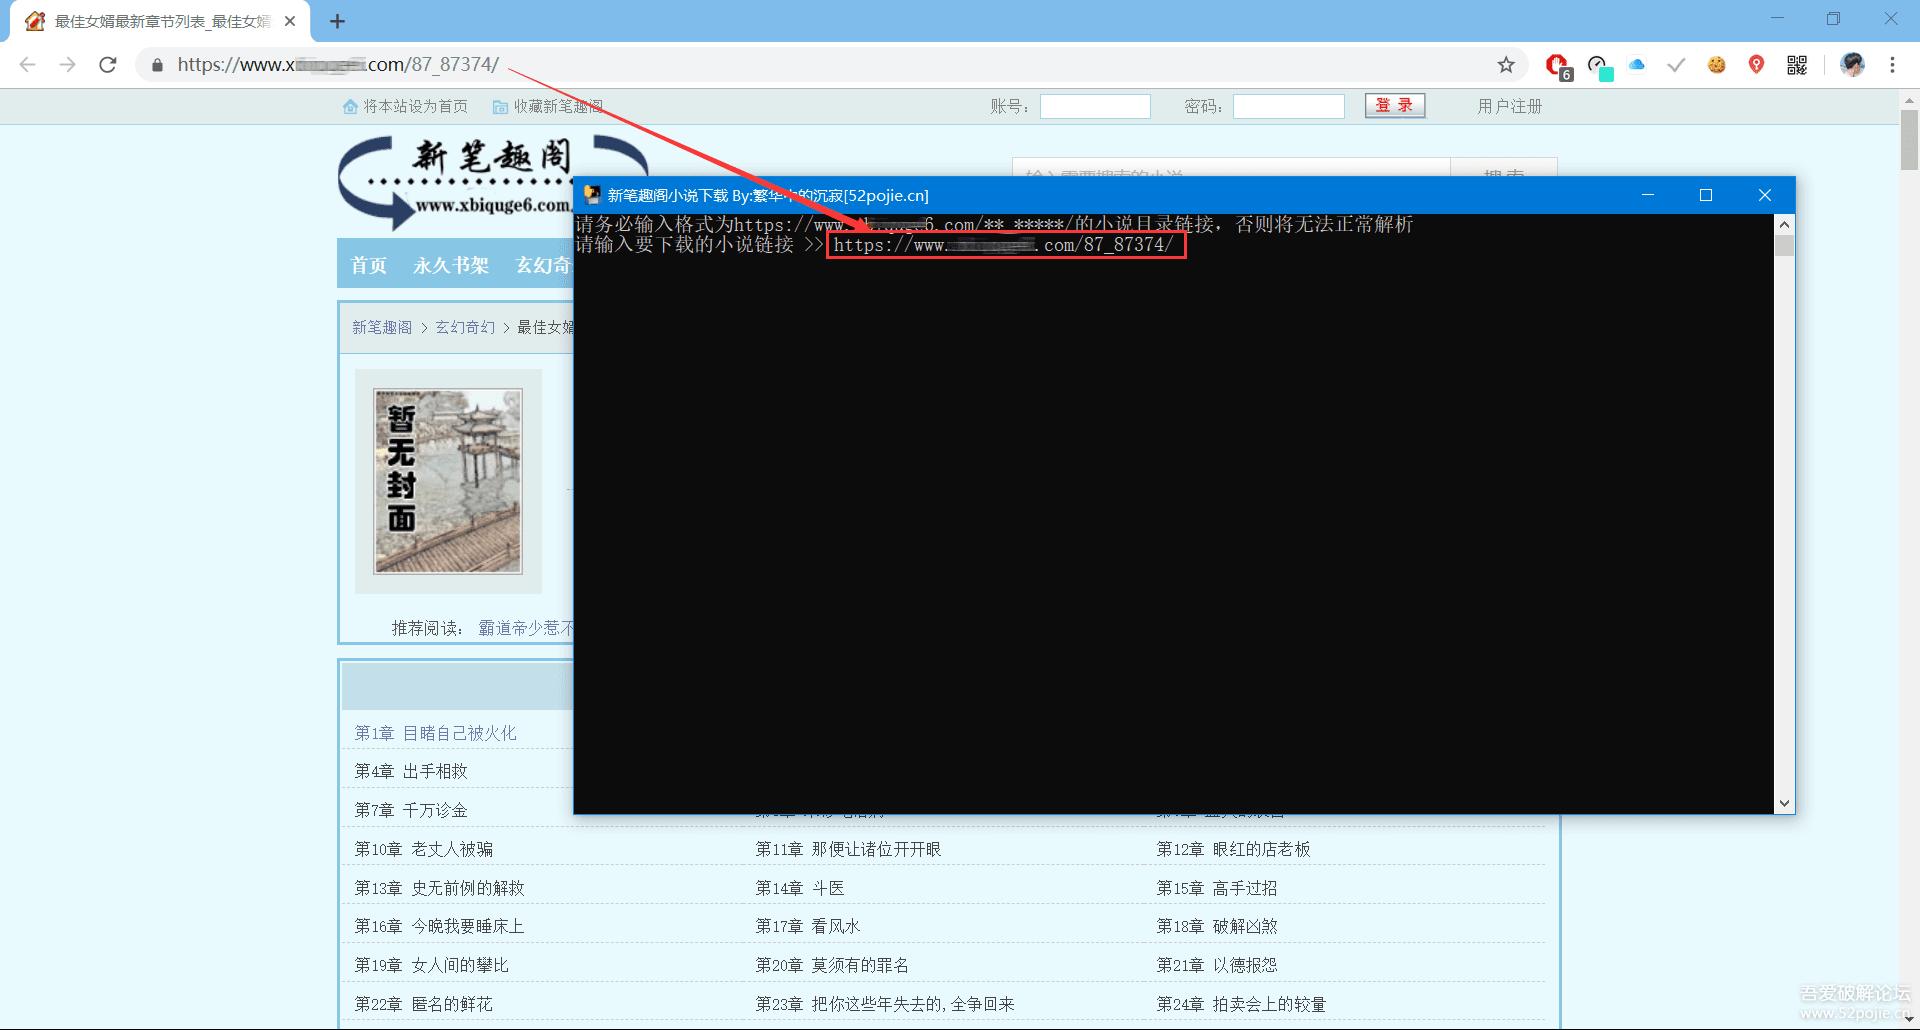 【考核】 —新笔趣闻小说—6.7m